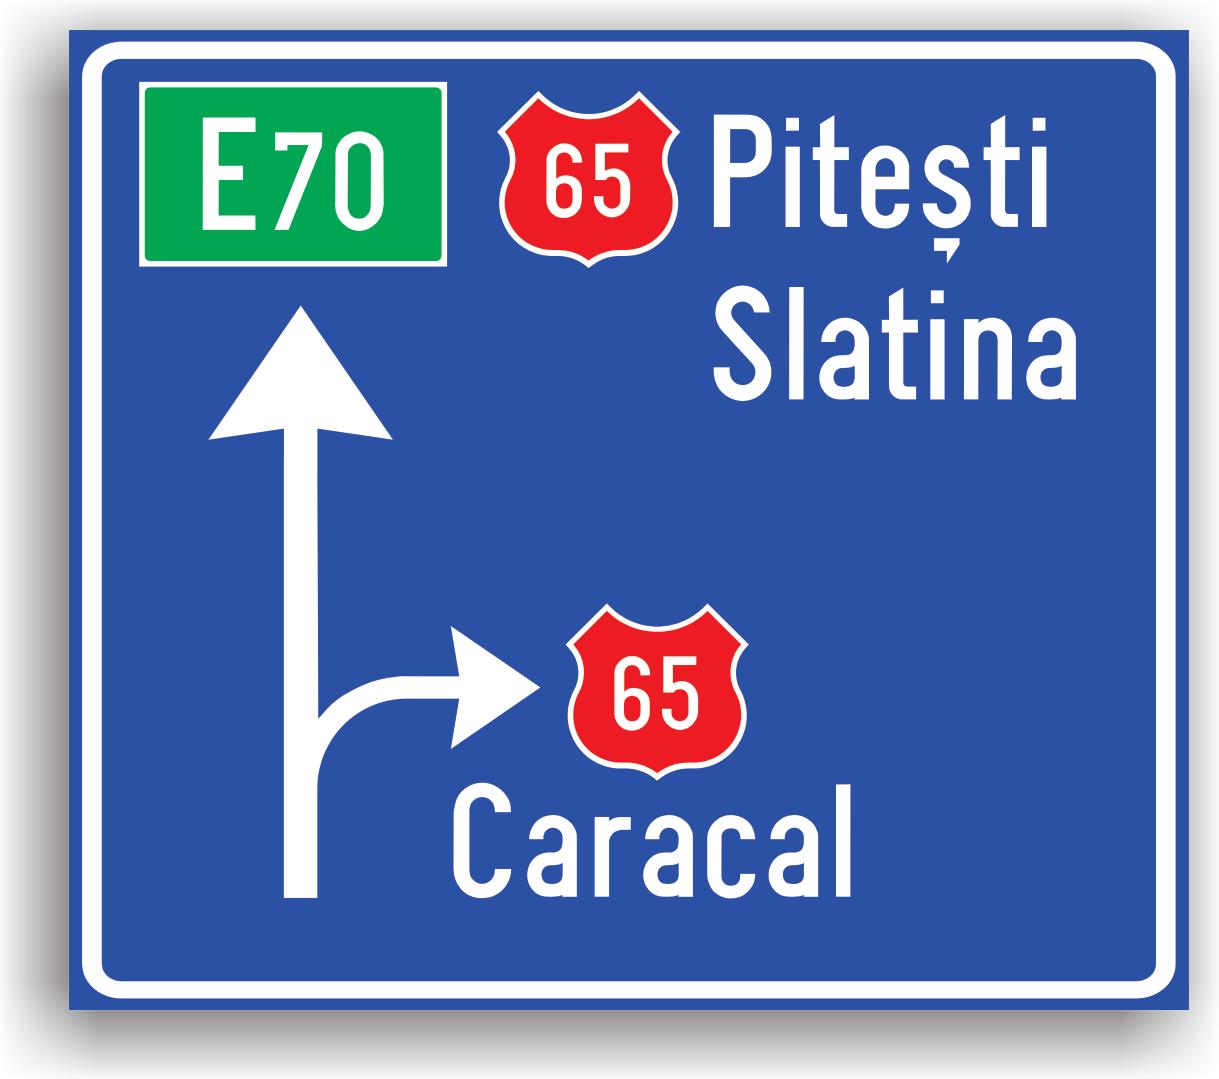 Este instalat la 100-200 m de o intersectie de drumuri. In general, se instaleaza la intersectii de drumuri judetene, nationale sau la intersectii de drumuri nationale cu drumuri judetene.